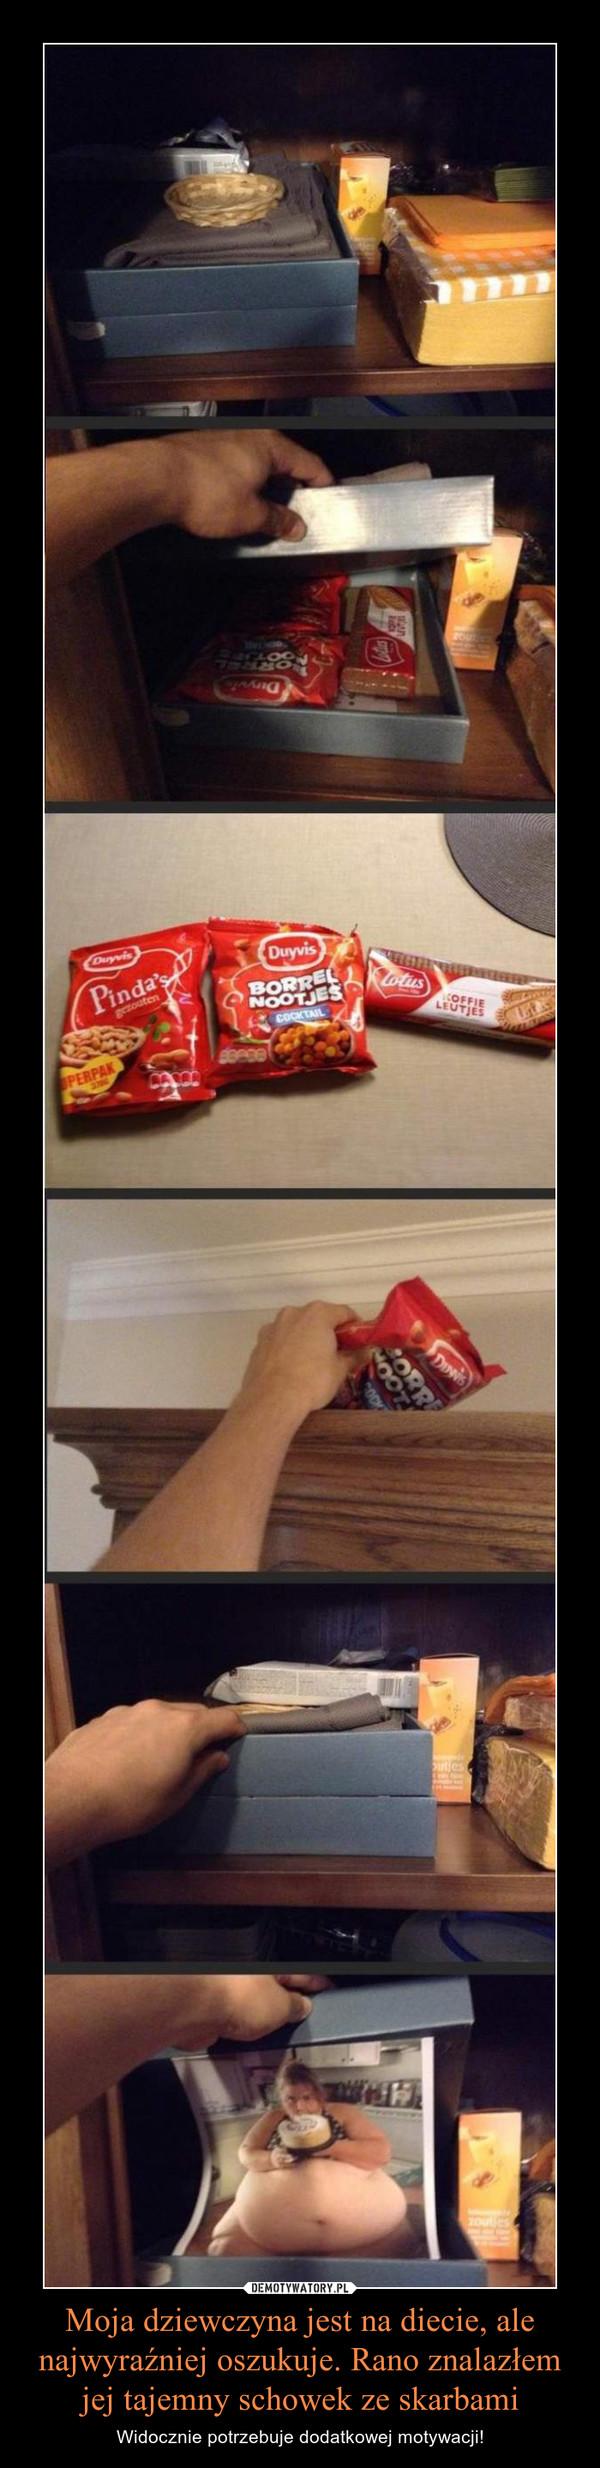 Moja dziewczyna jest na diecie, ale najwyraźniej oszukuje. Rano znalazłem jej tajemny schowek ze skarbami – Widocznie potrzebuje dodatkowej motywacji!